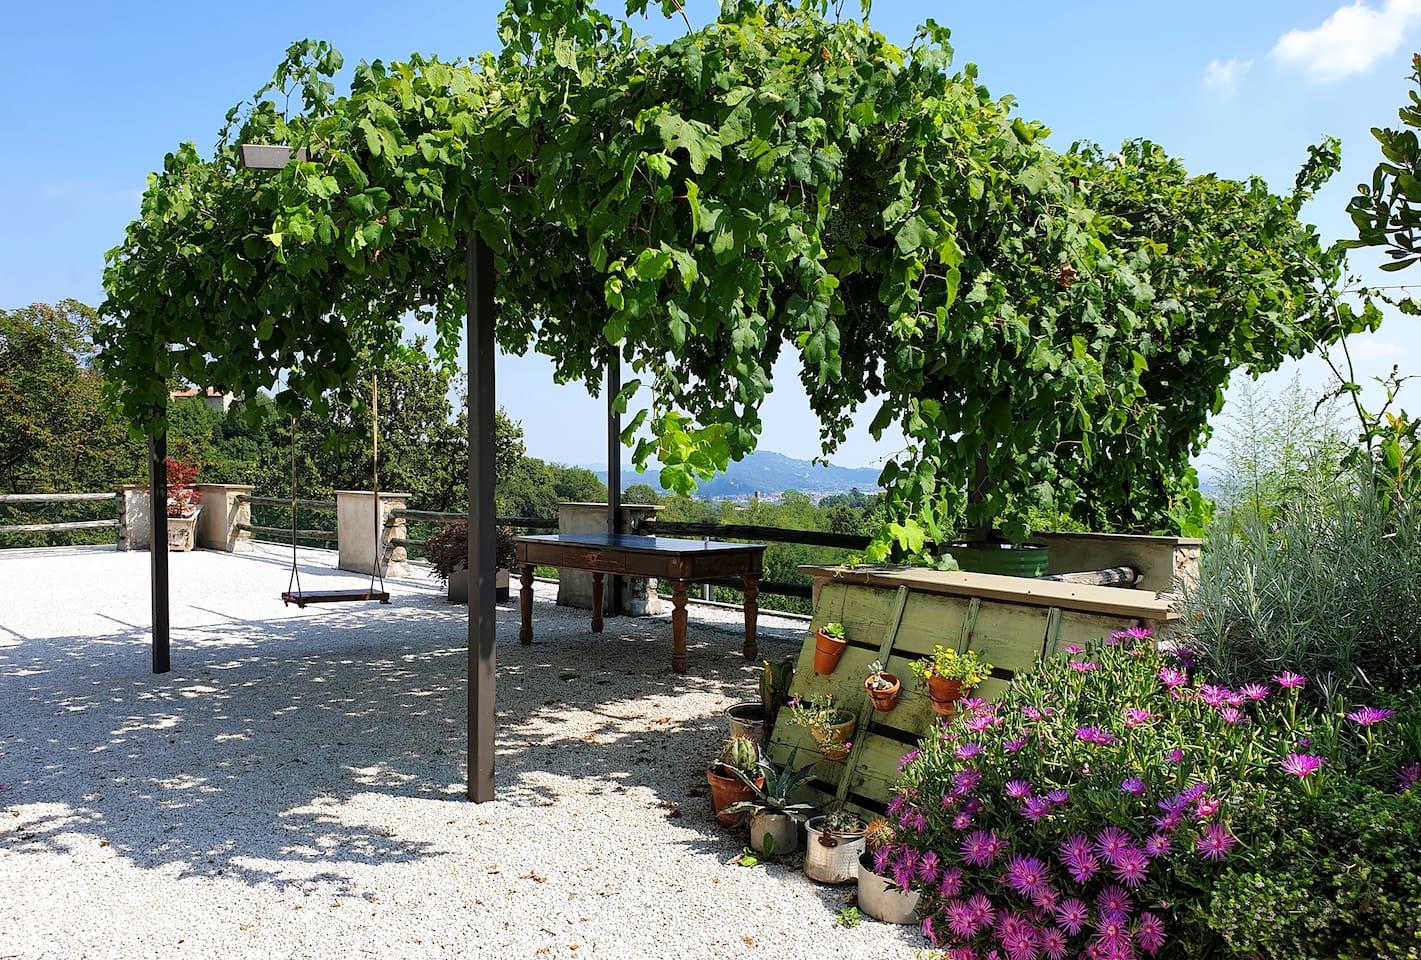 Terrazza con pergolato dell'uva, dove potersi rilassare e consumare i pasti al fresco, apprezzando la vista panoramica sulla valle